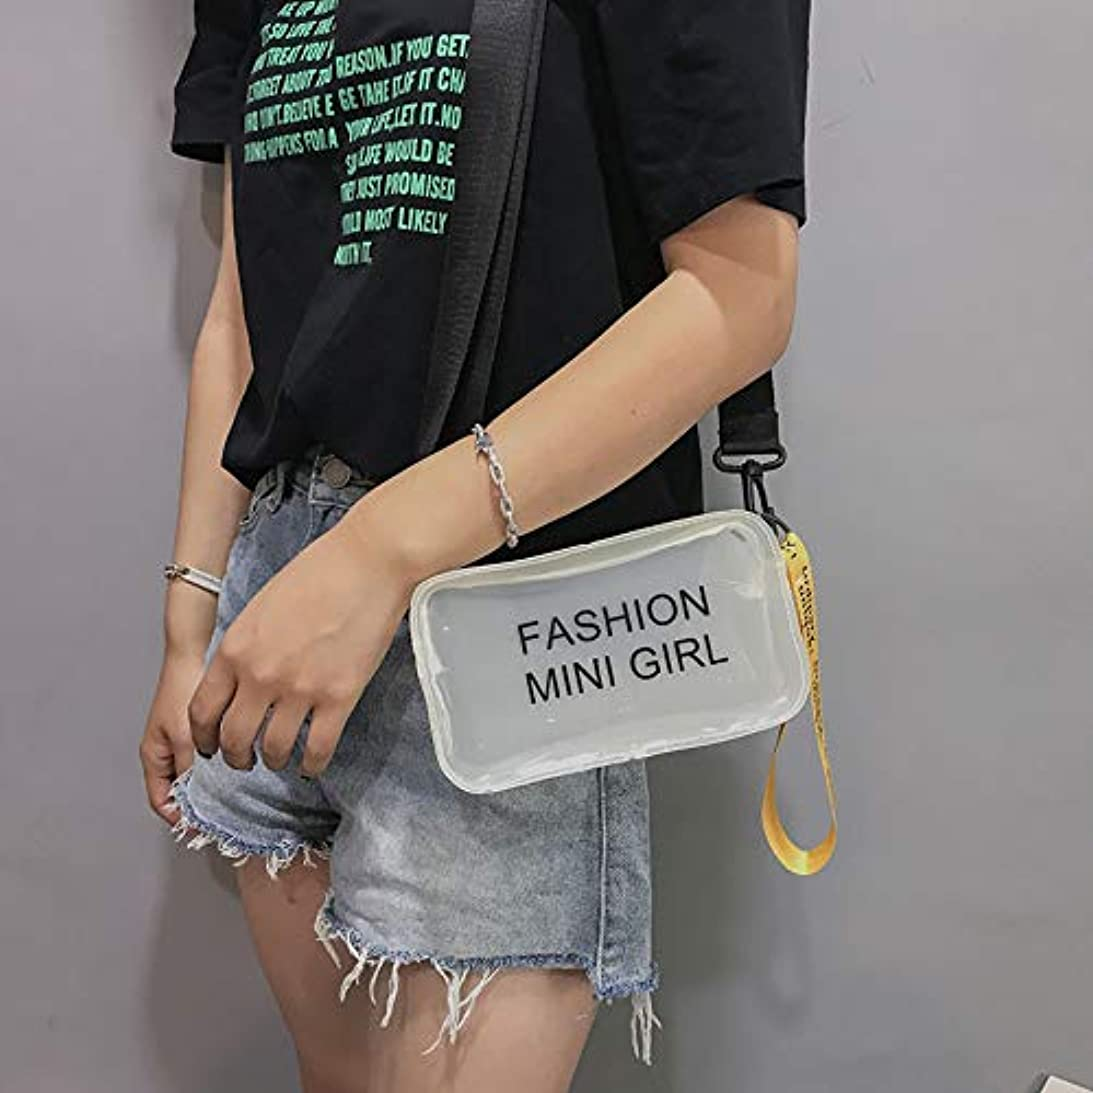 症候群懐疑的共役女性ファッションゼリー手紙ストリートシンプルデザインショルダーバッグメッセンジャーバッグ、ゼリー手紙メッセンジャーバッグハンドバッグ携帯電話バッグ、ファッション汎用メッセンジャーバッグショルダーバッグハンドバッグ (白)